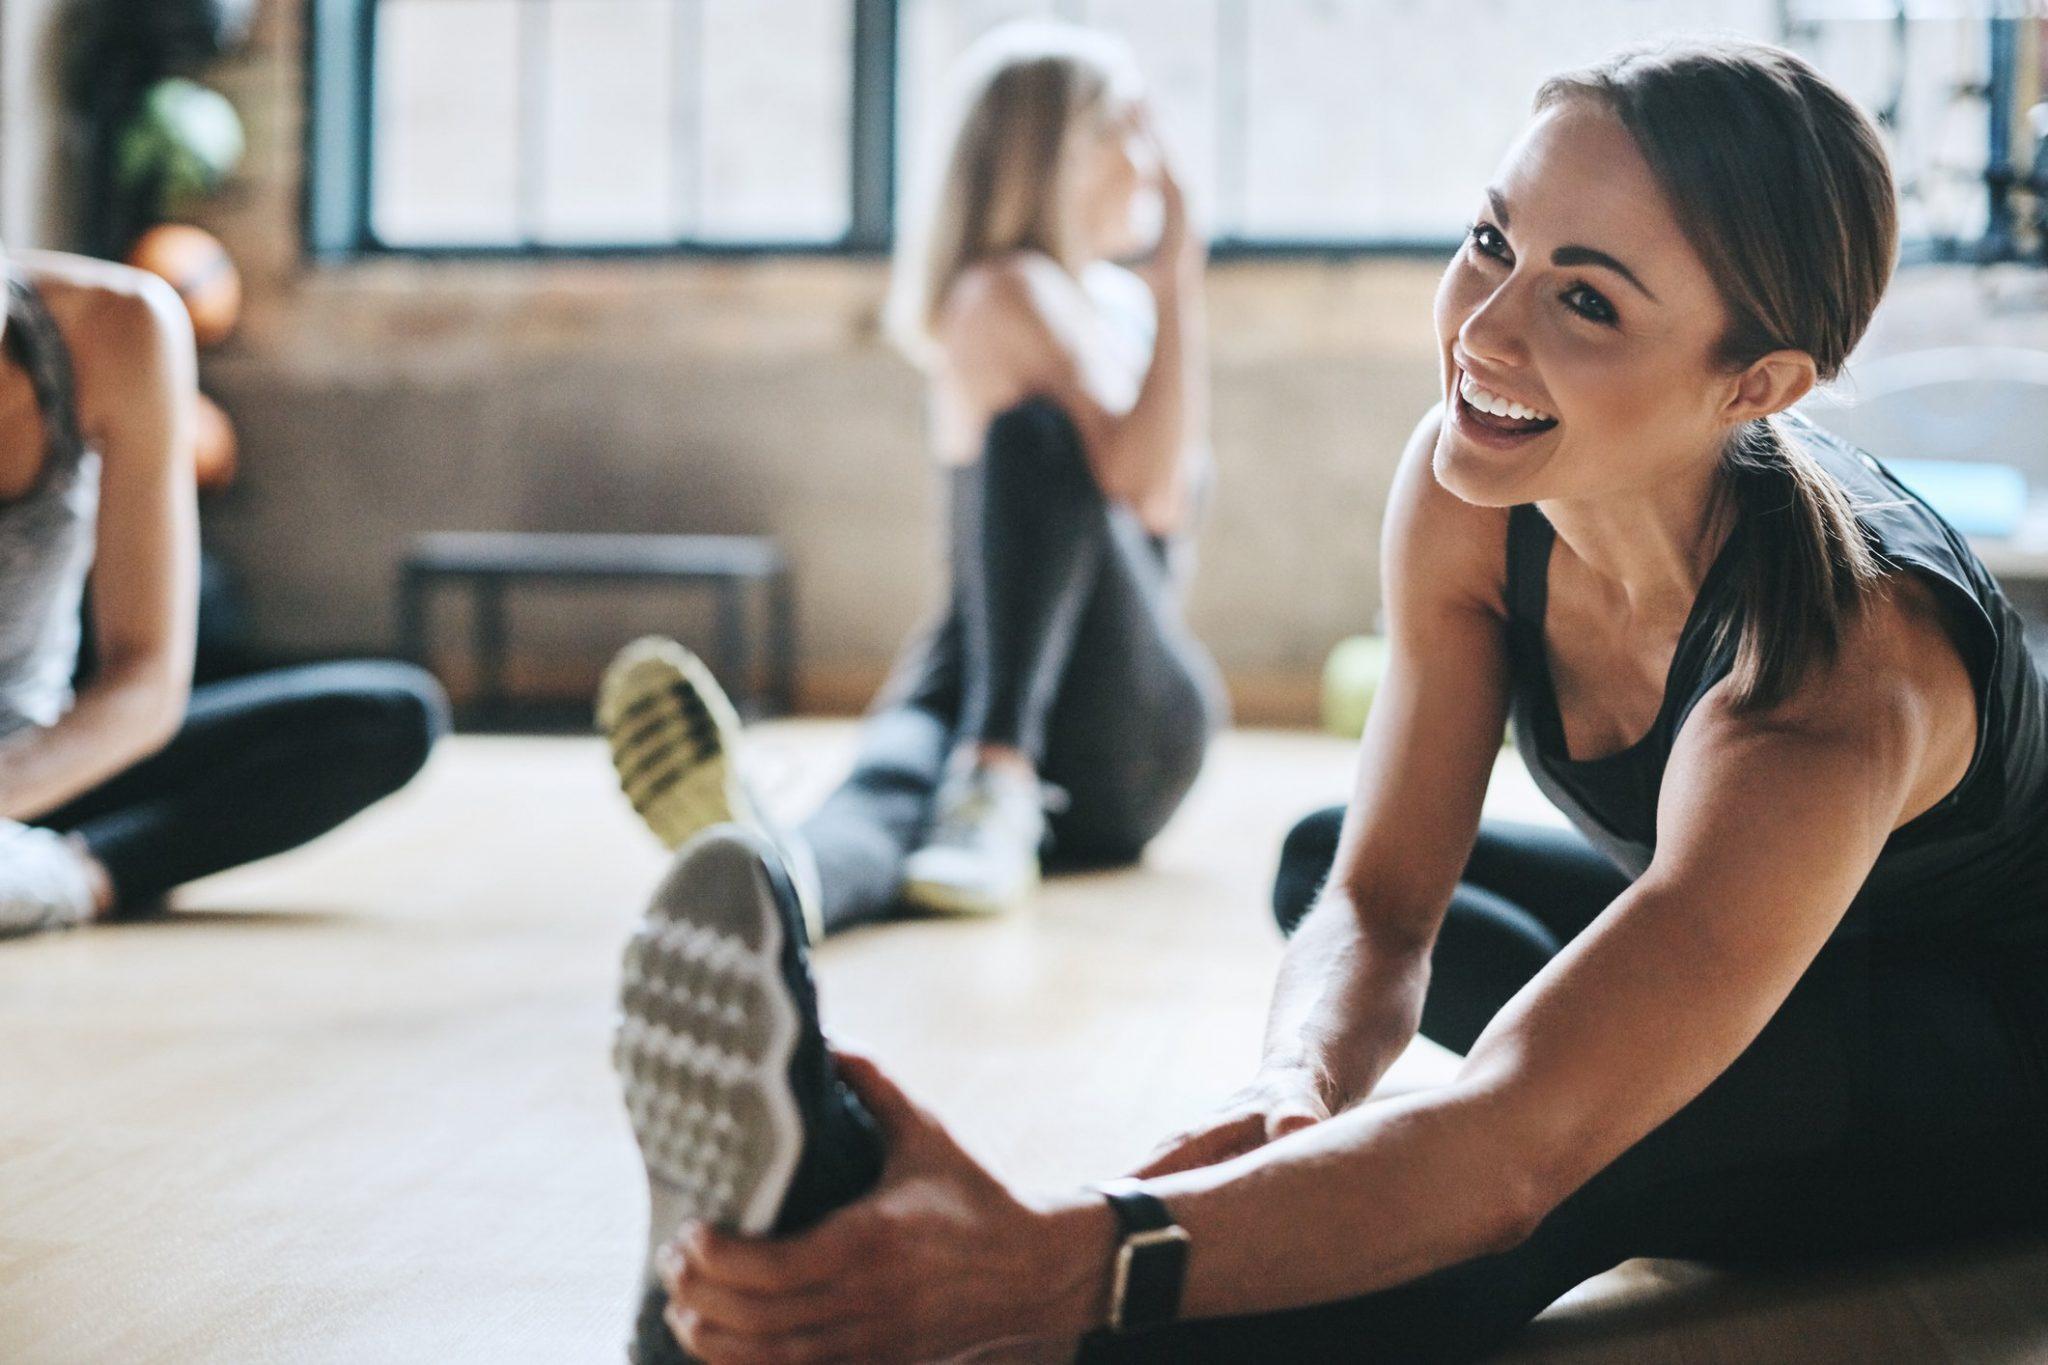 Плато похудения и как прорваться сквозь него